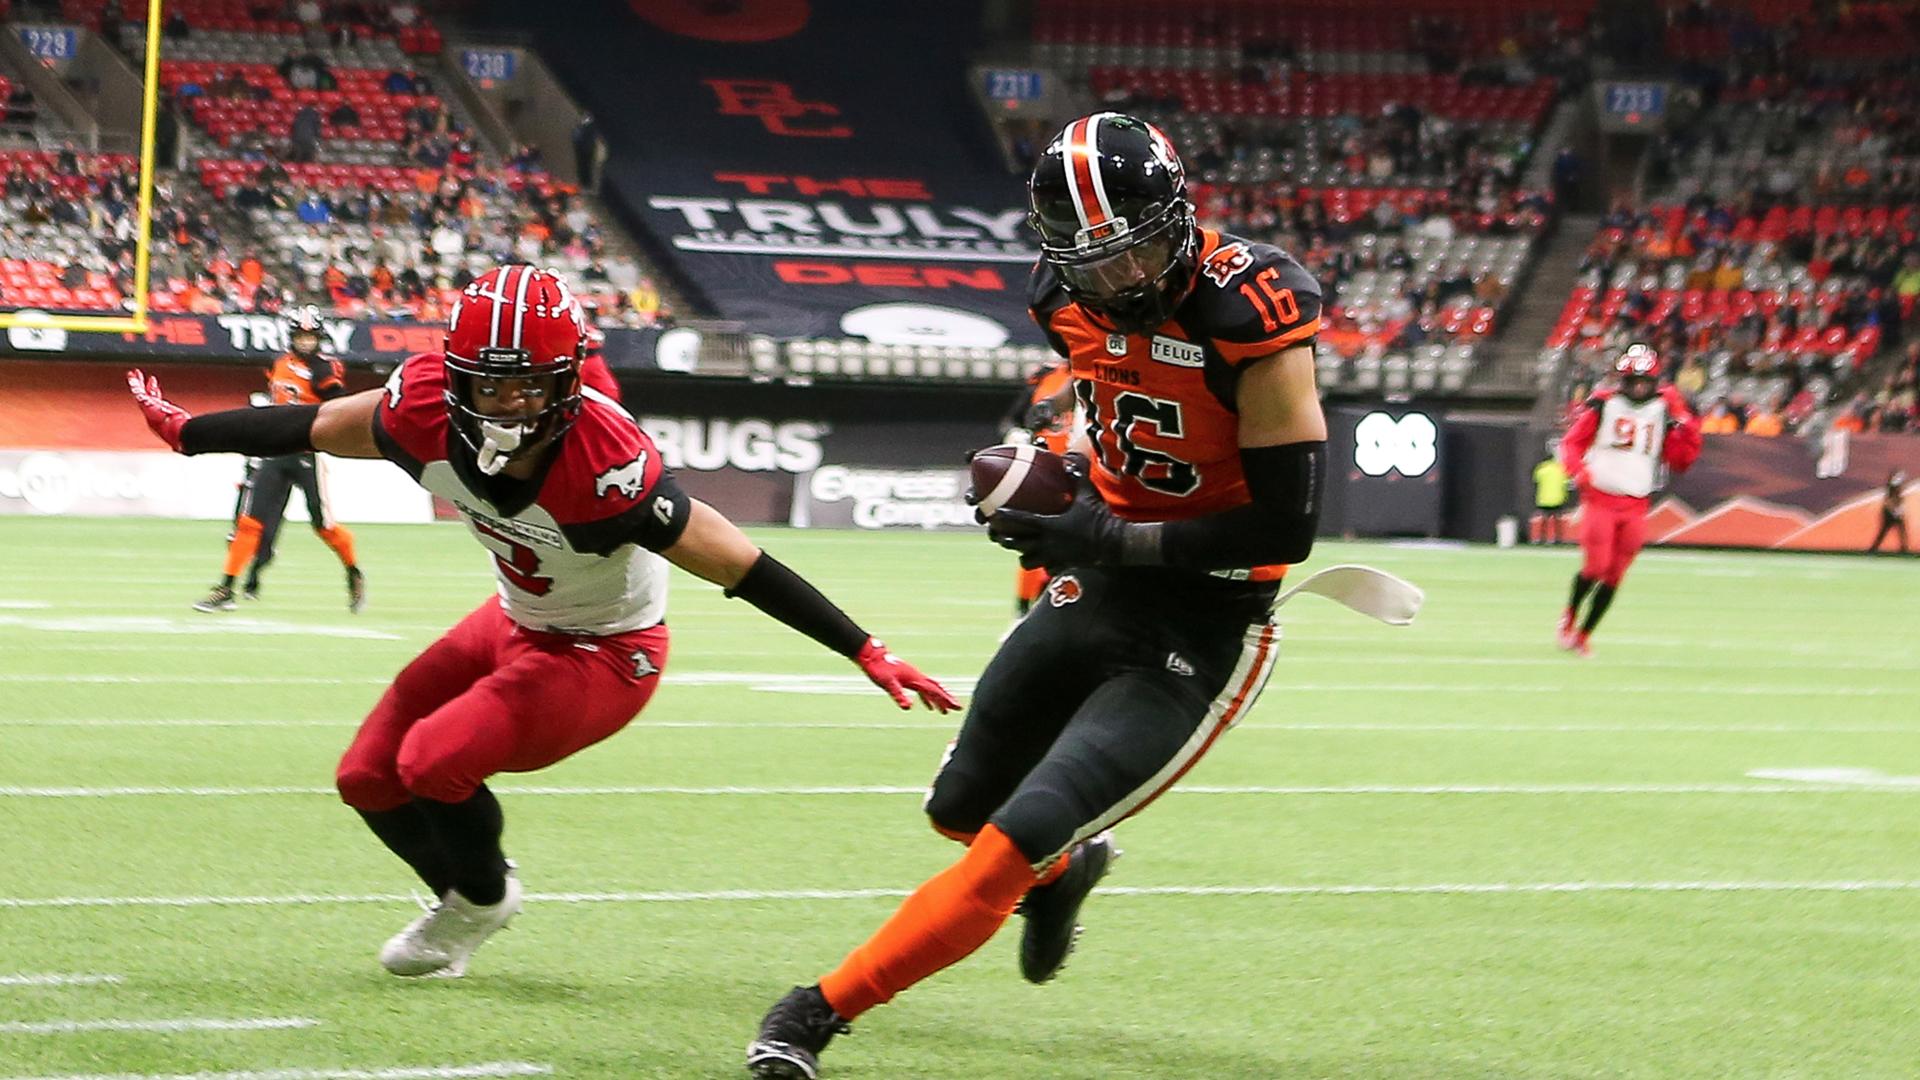 Burnham's Great Grab Over Defender Sets Up BC TD